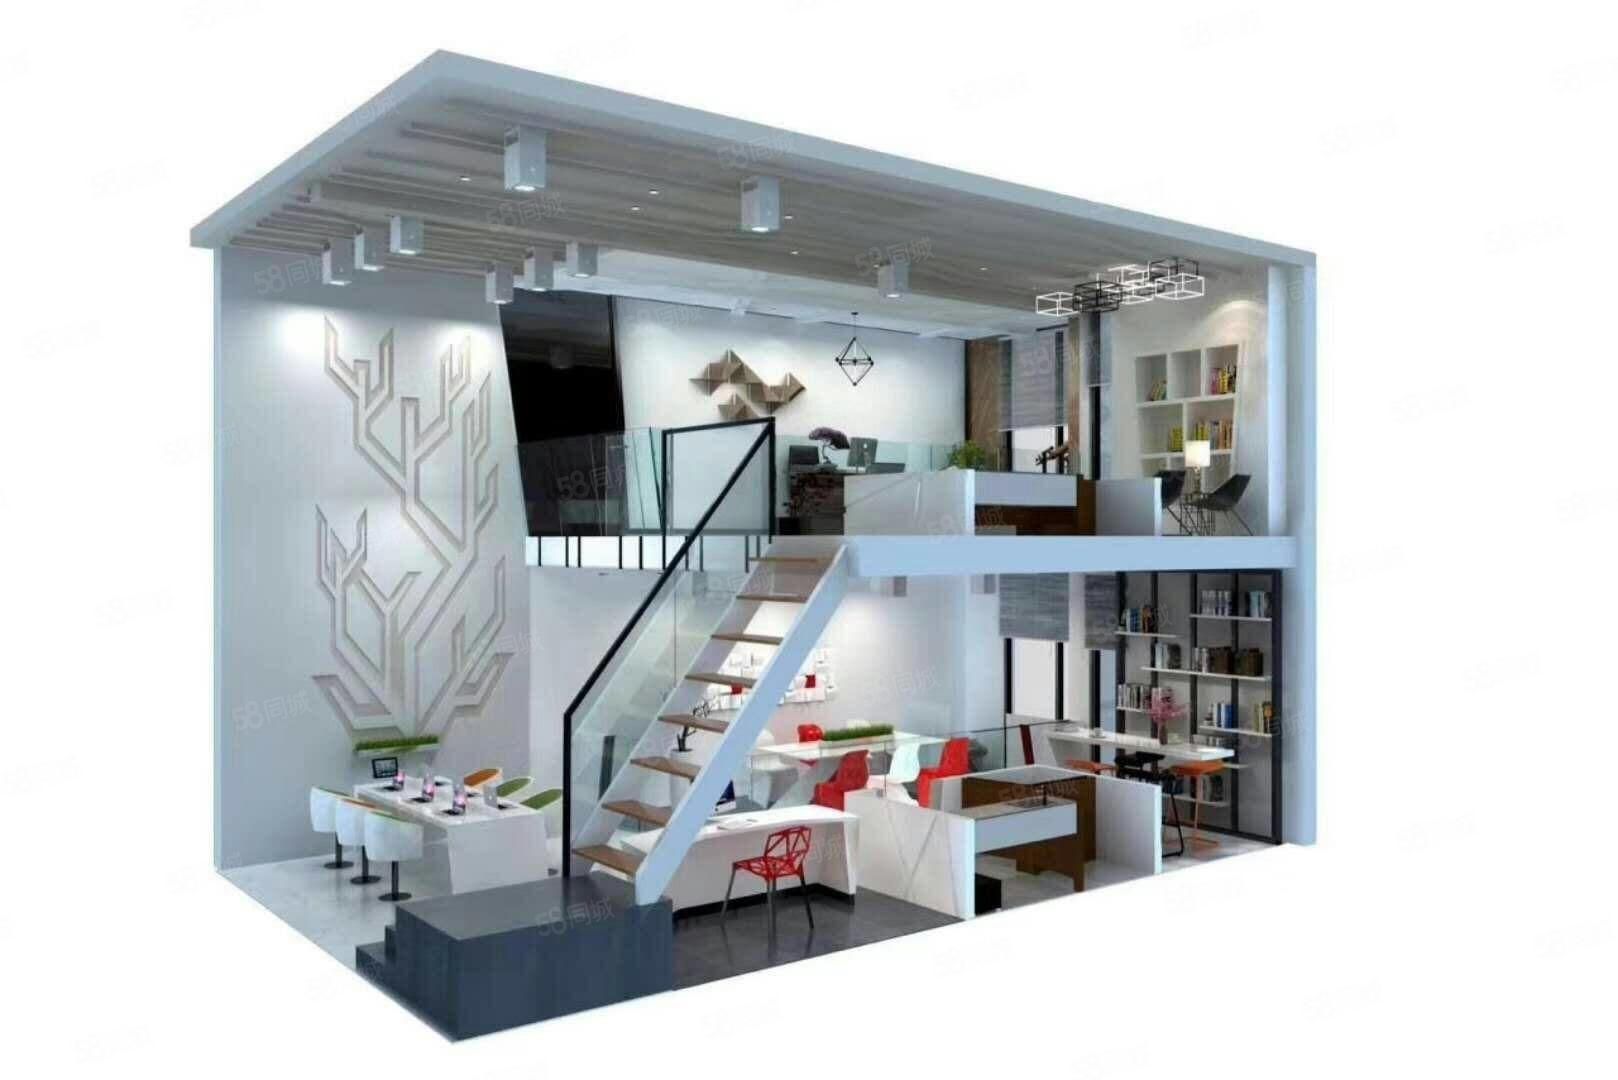 郑州市纯地铁口不到100米三万订高档LOFT公寓